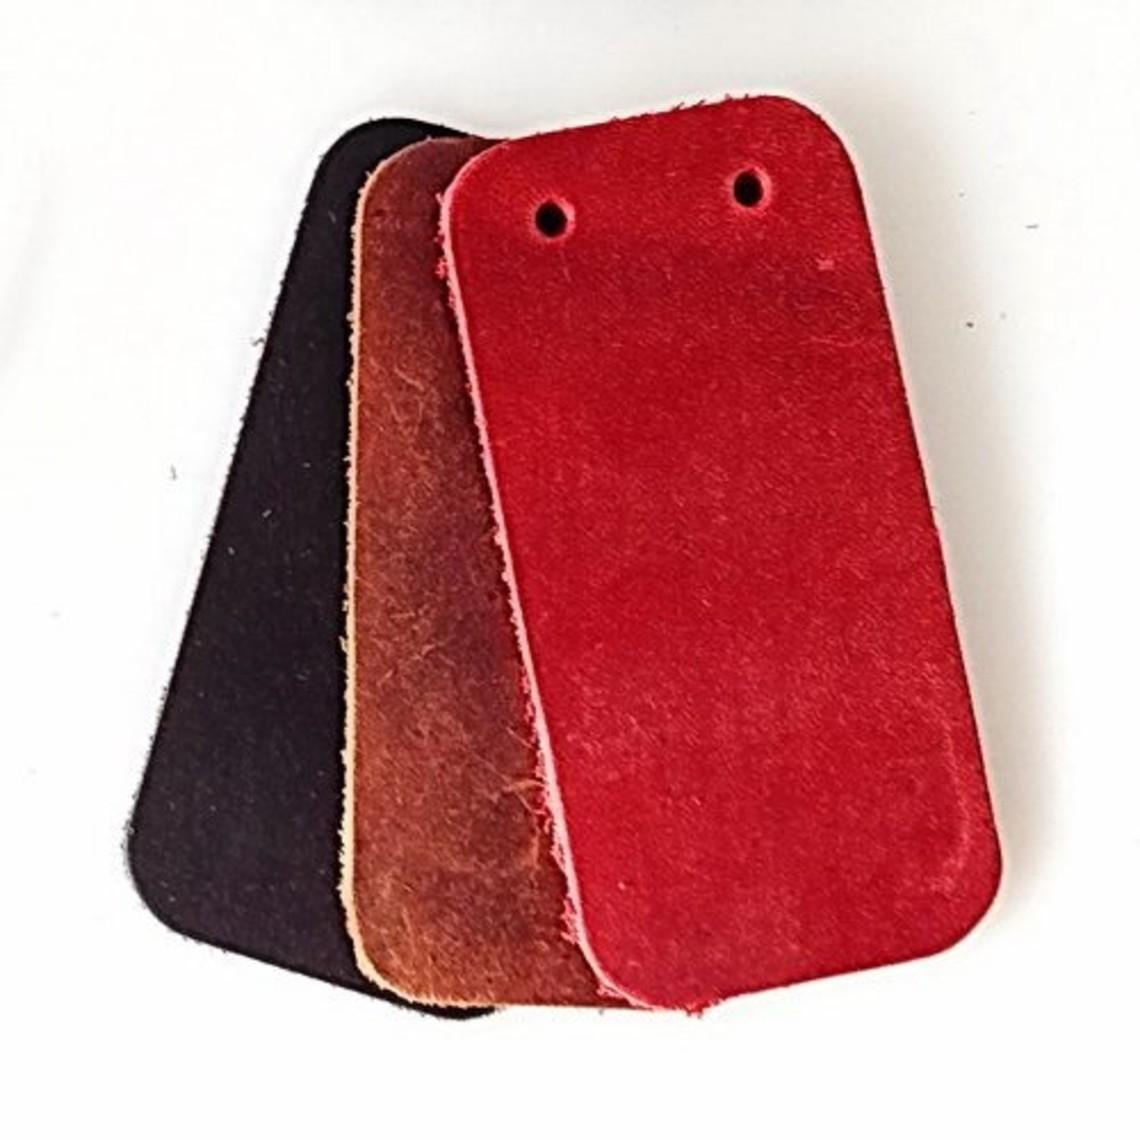 cuir de 50x pour affiner pièce rectangulaire armure à écailles, brun